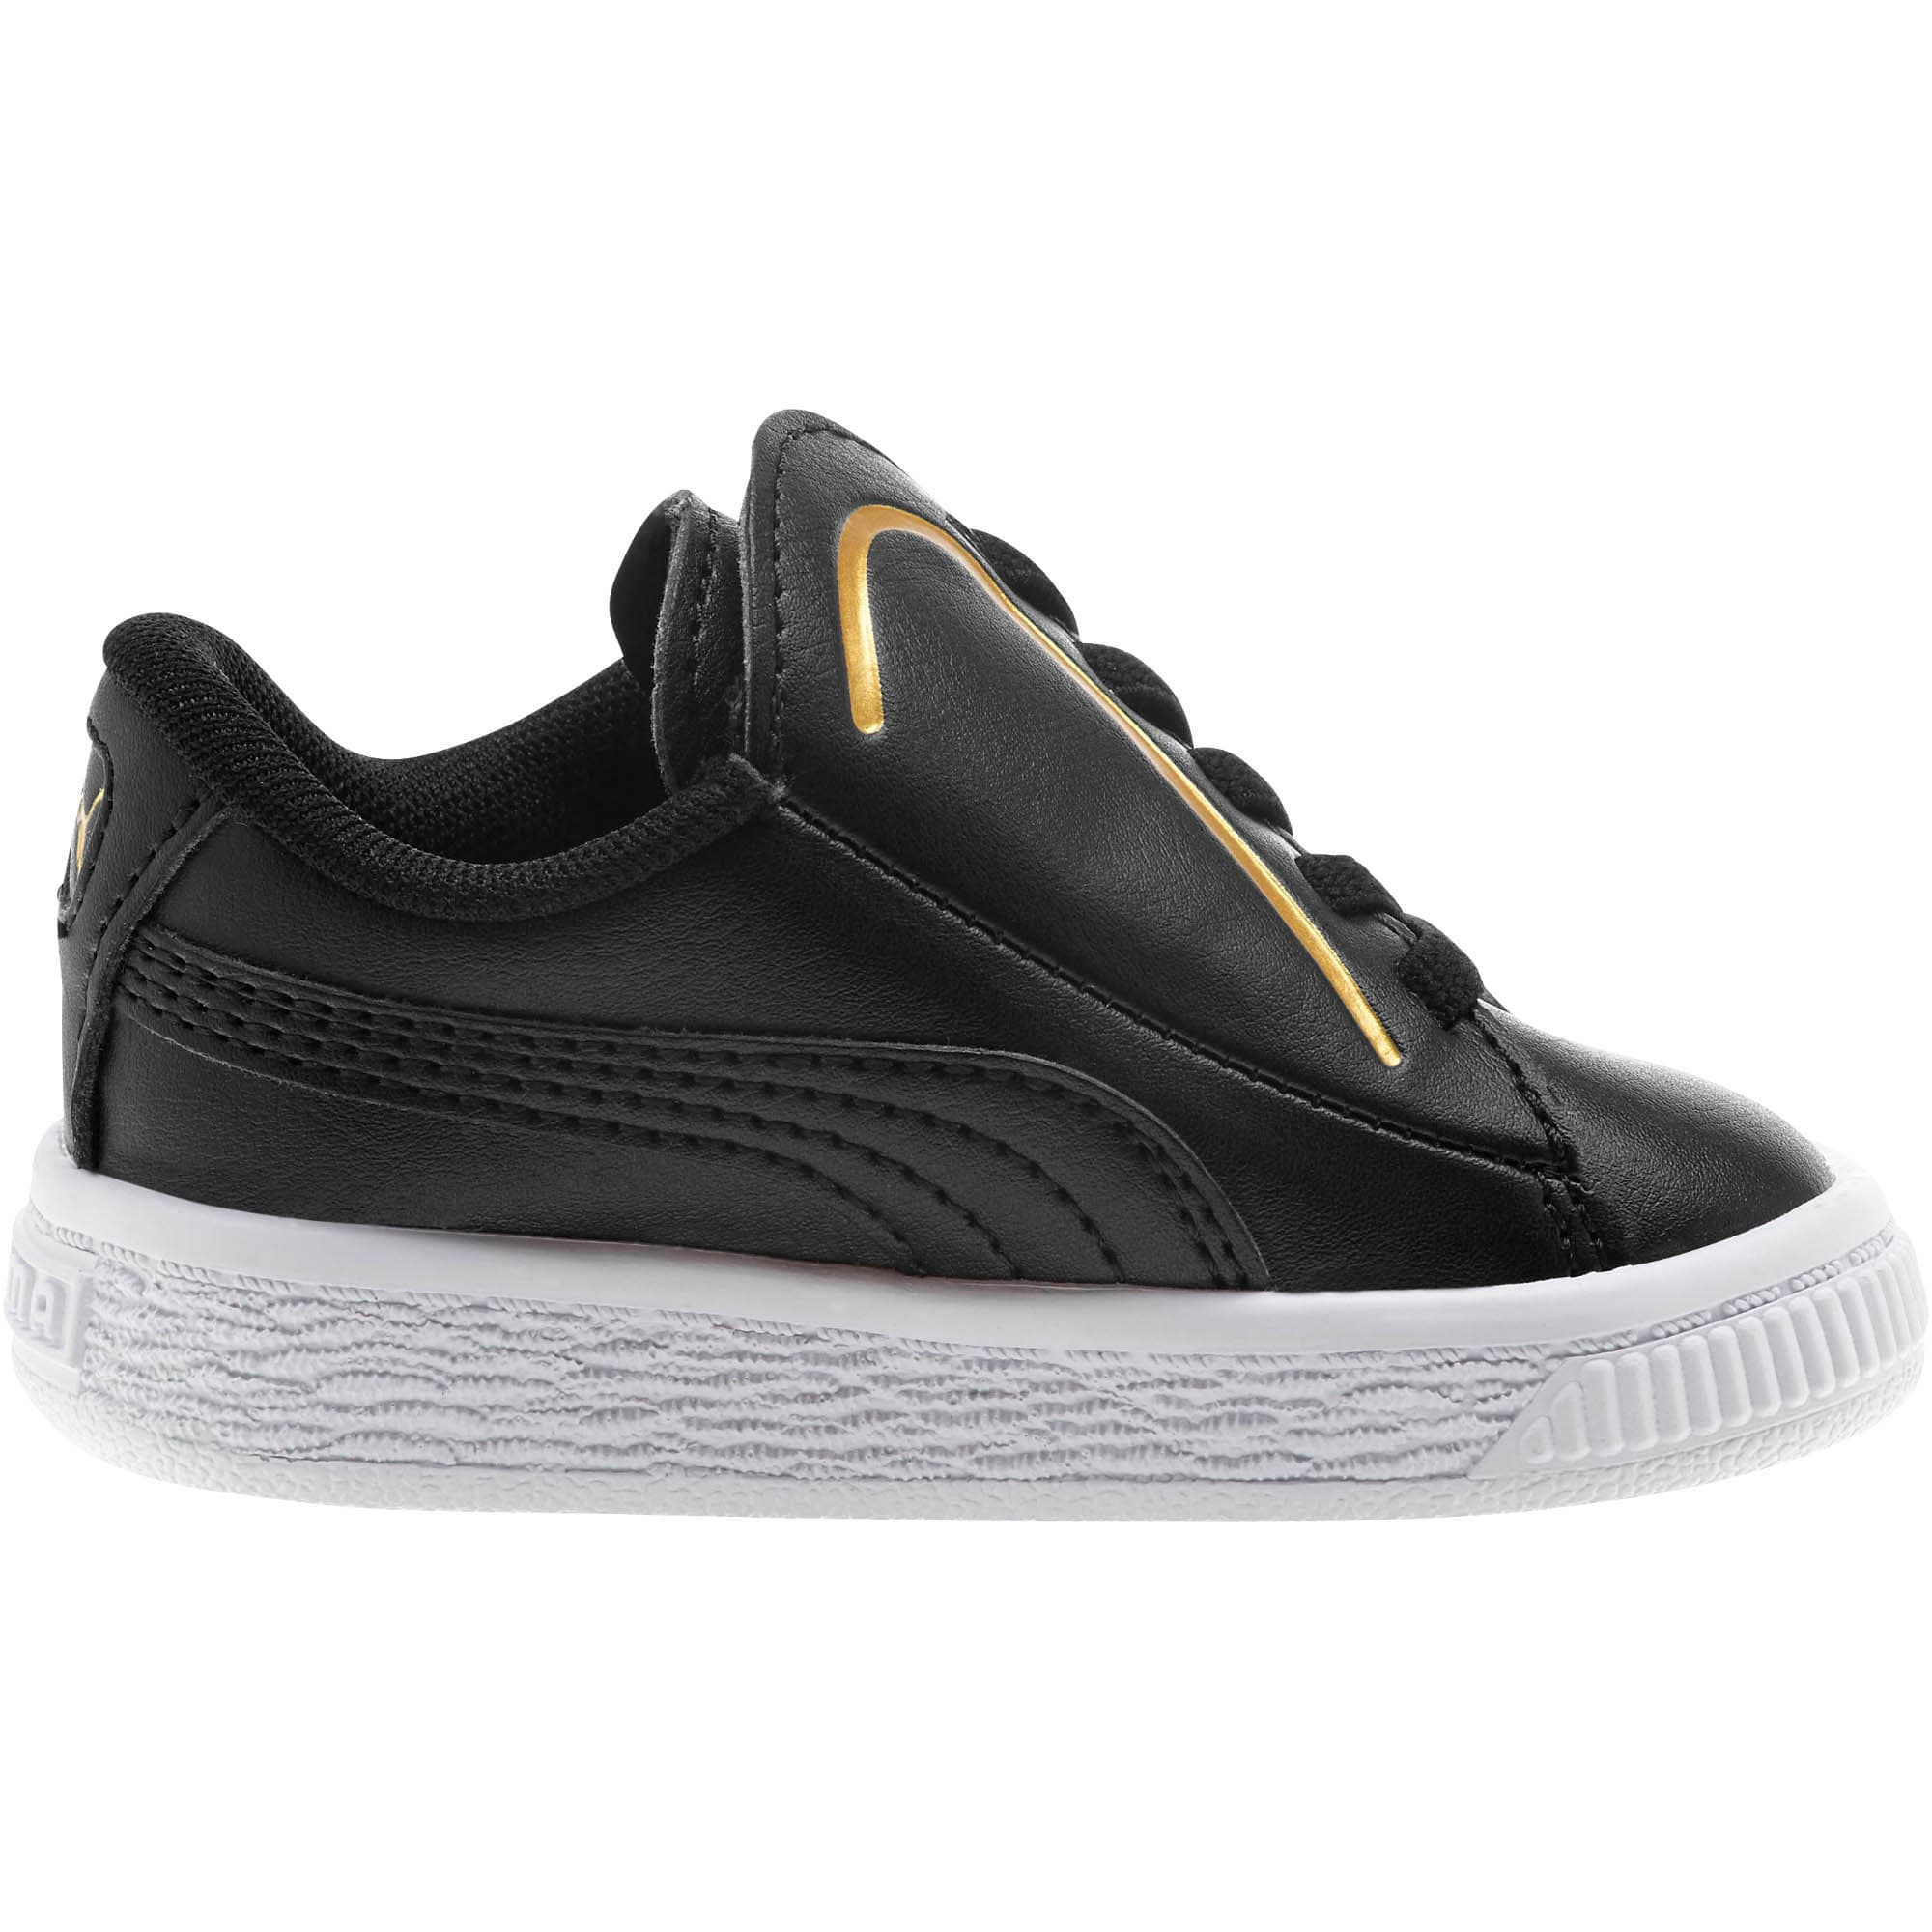 Miniatura 4 de Zapatos Basket Crush AC para bebés, Puma Black-Puma Team Gold, mediano